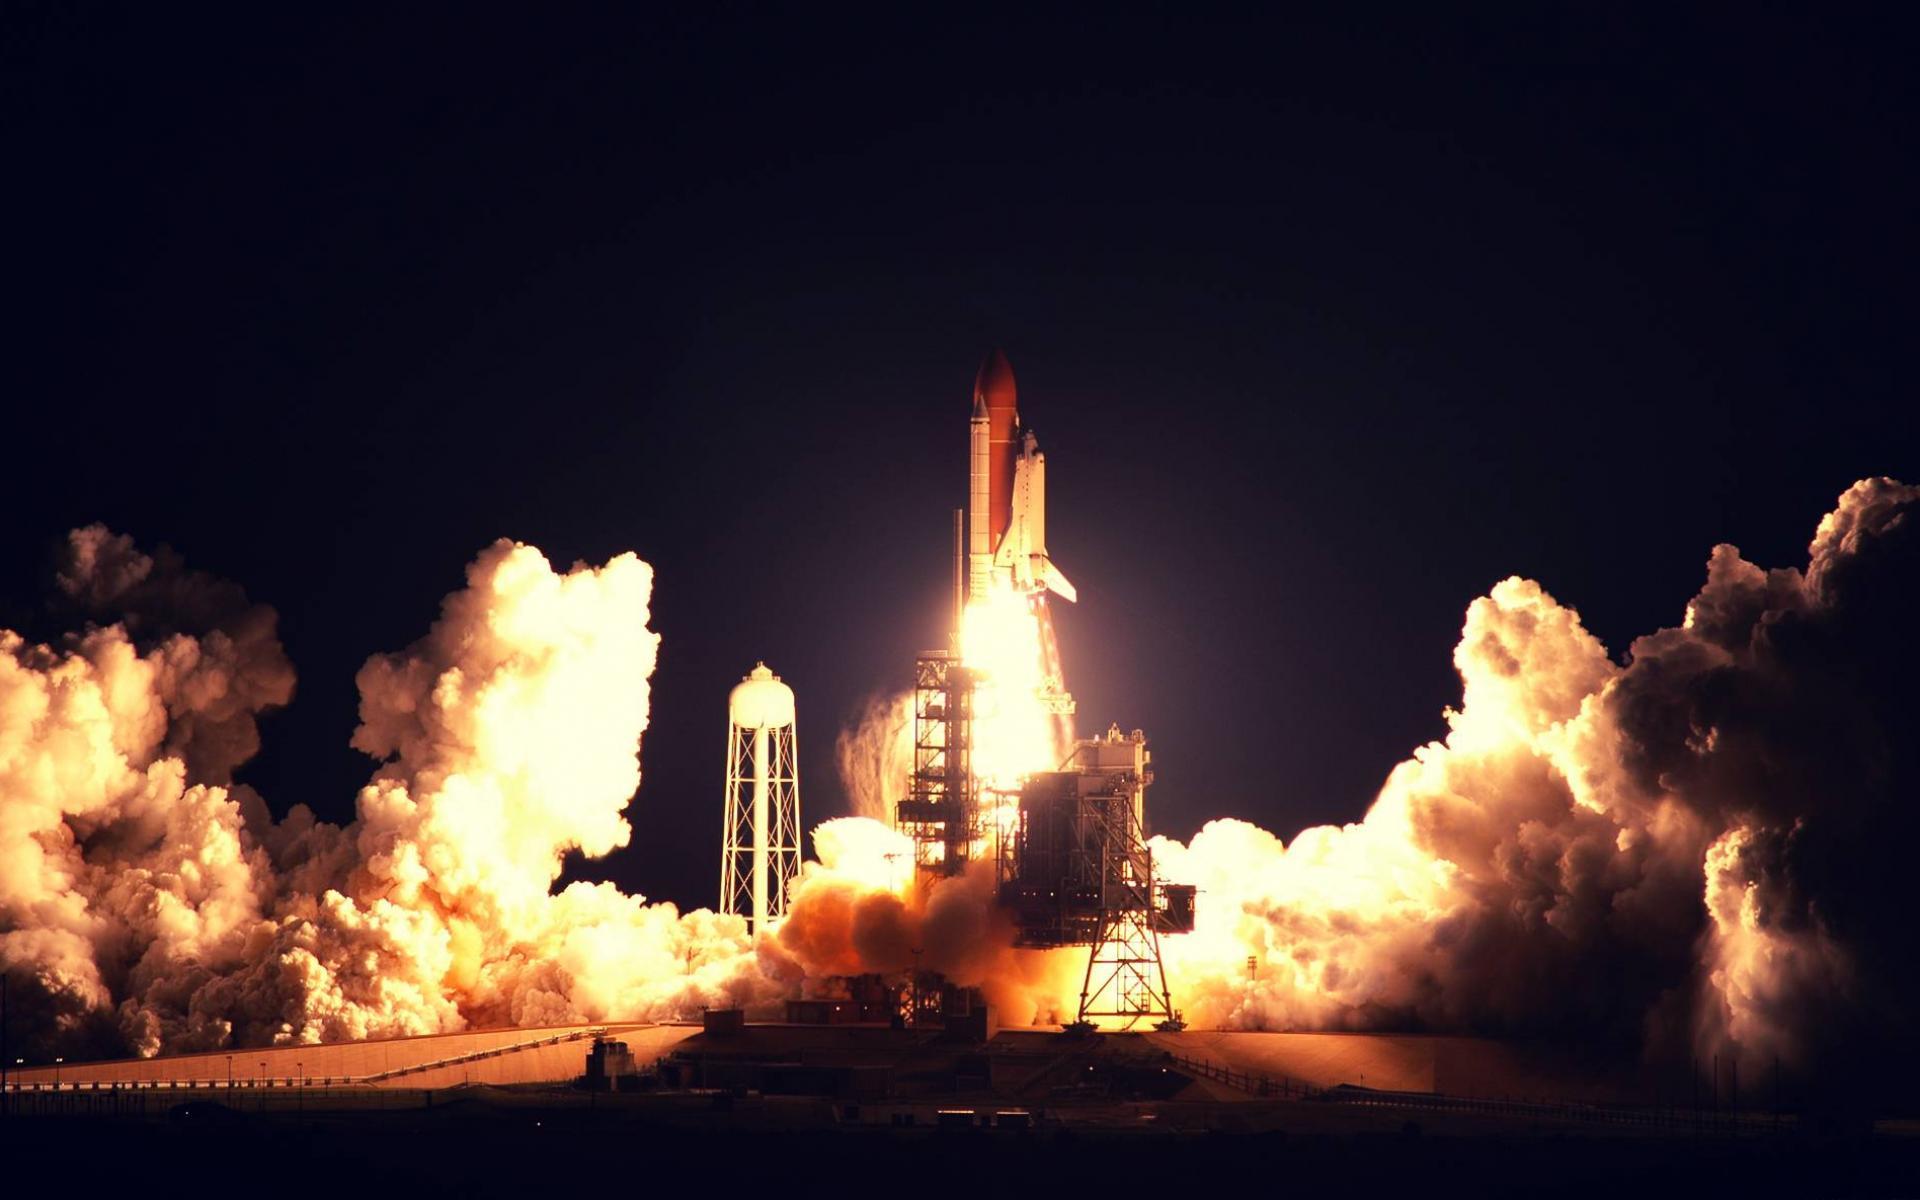 nochnoy_start_rakety_1920x1200.jpg